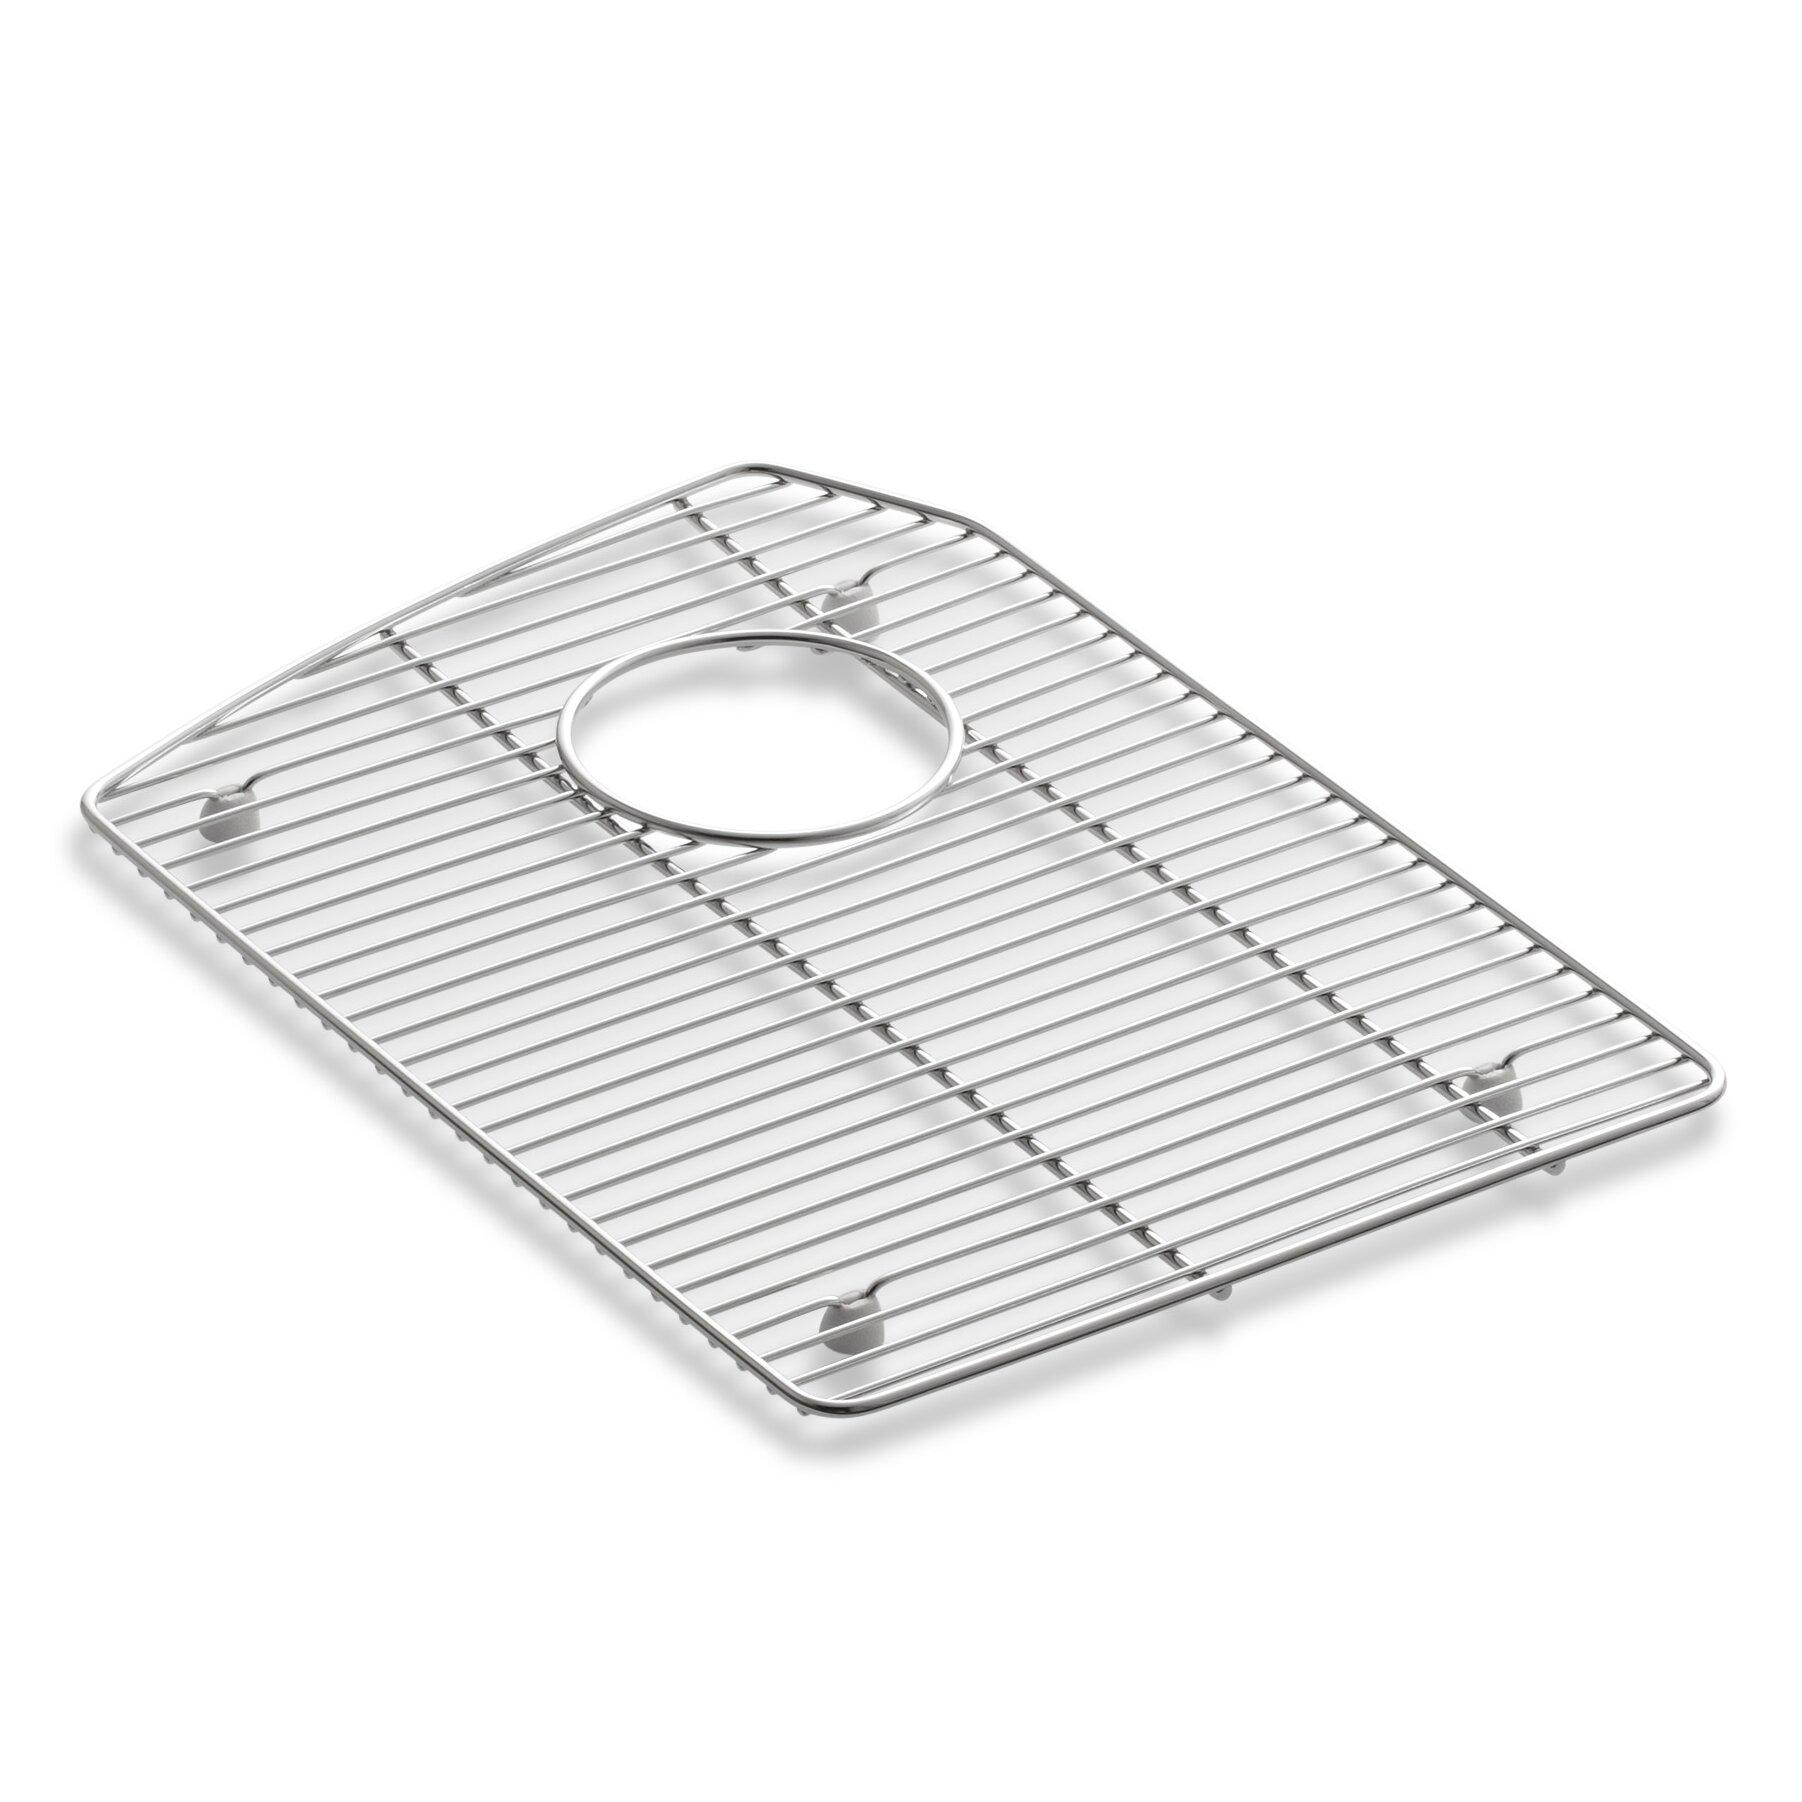 ... Steel Sink Rack for Left-Hand Bowl Of Tanager Kitchen Sink by Kohler